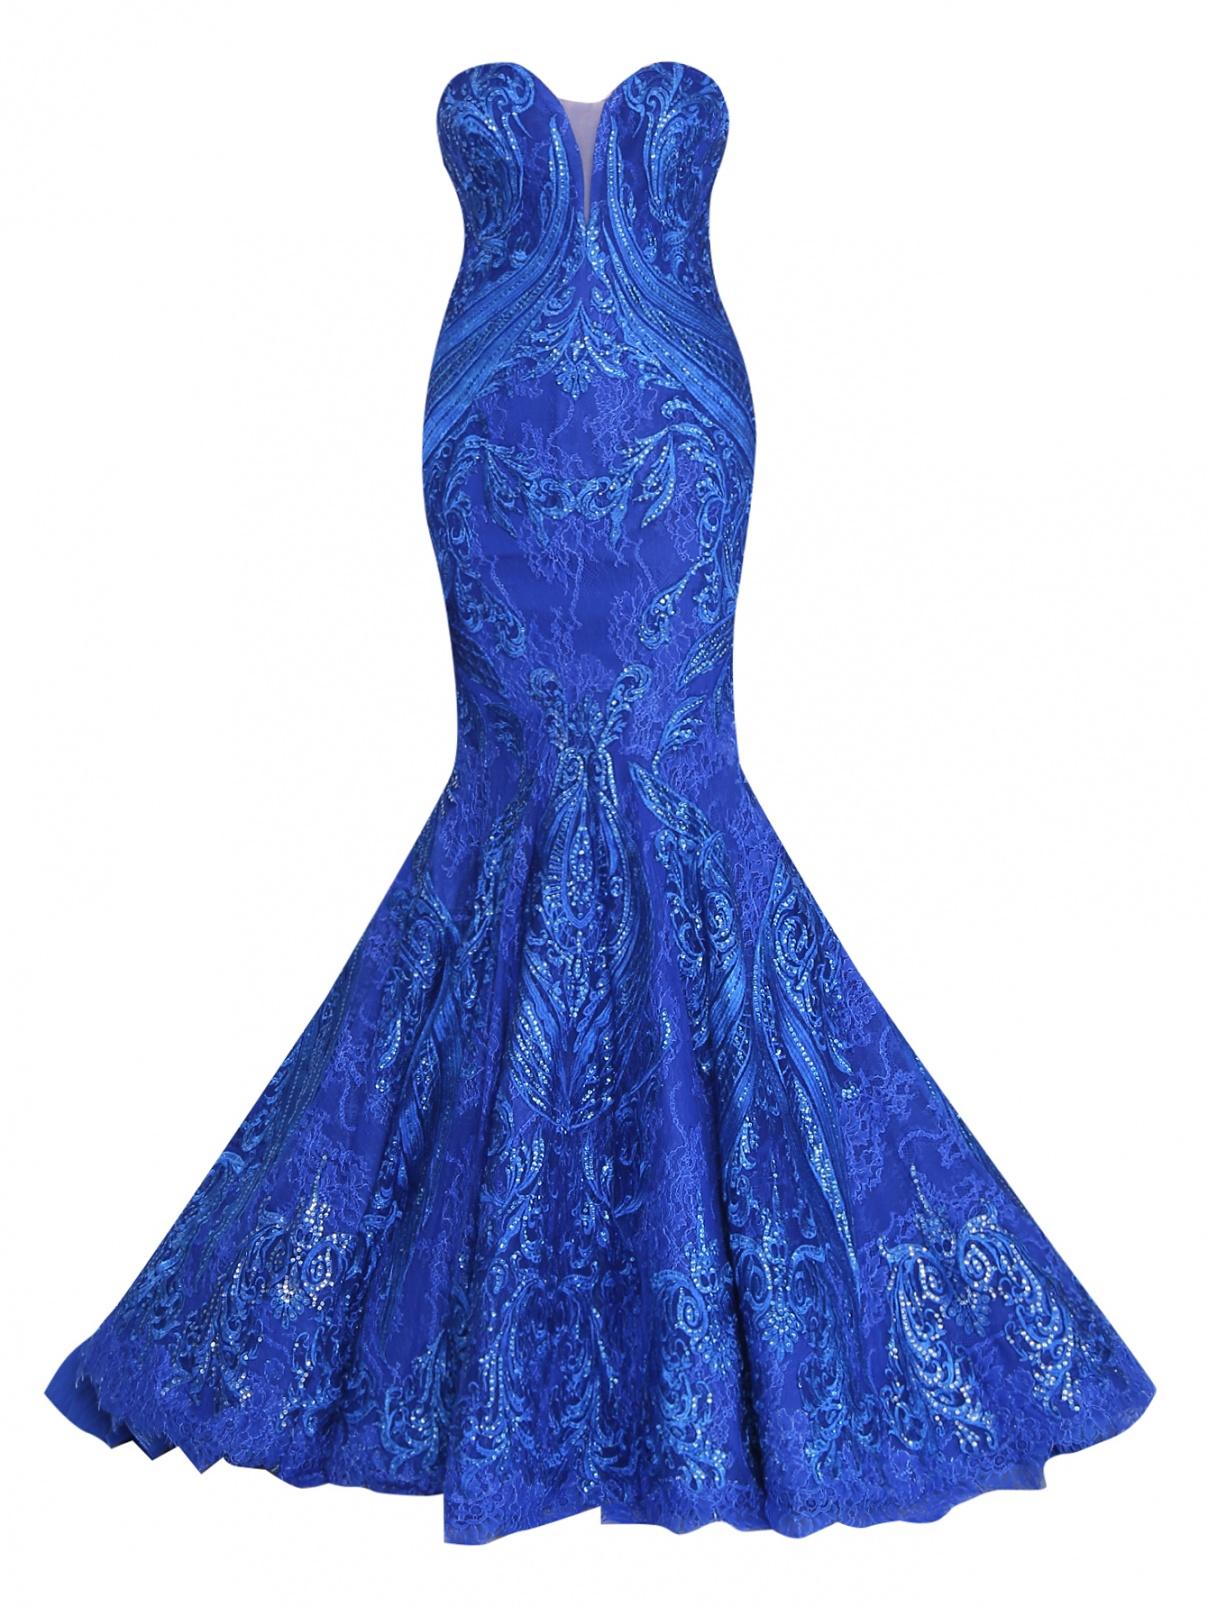 Платье с вышивкой, декорированное паетками Tony Ward  –  Общий вид  – Цвет:  Синий